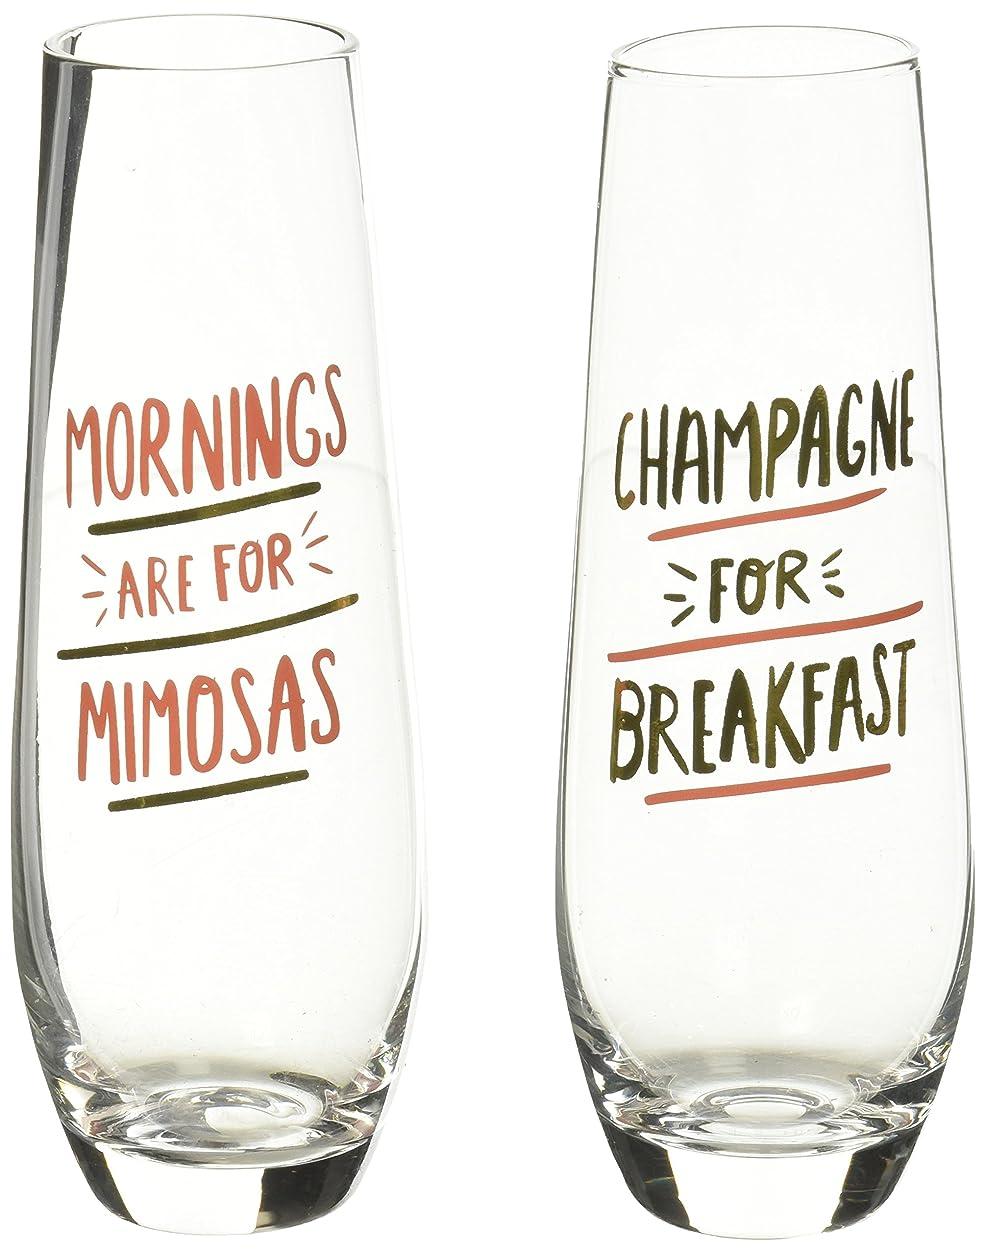 成人期着服大事にするAbout Face Stemless Champagne Flutes Mornings are for Mimosas and Champage for Breakfast